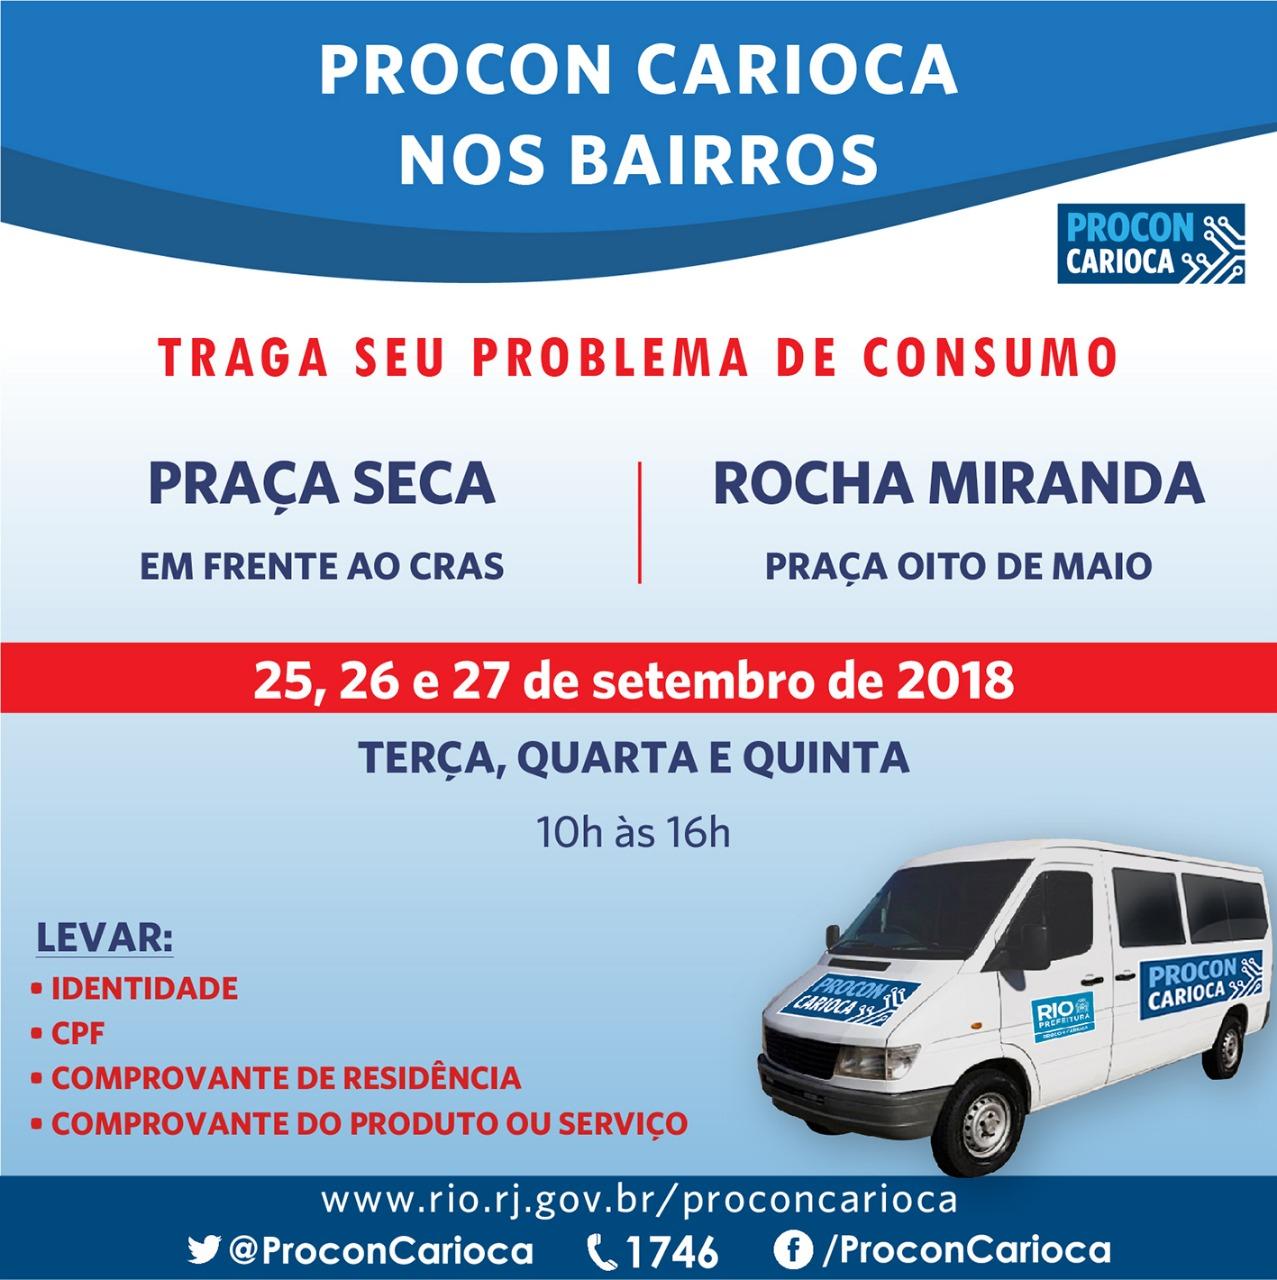 Praça Seca e Rocha Miranda recebem atendimento do Procon Carioca